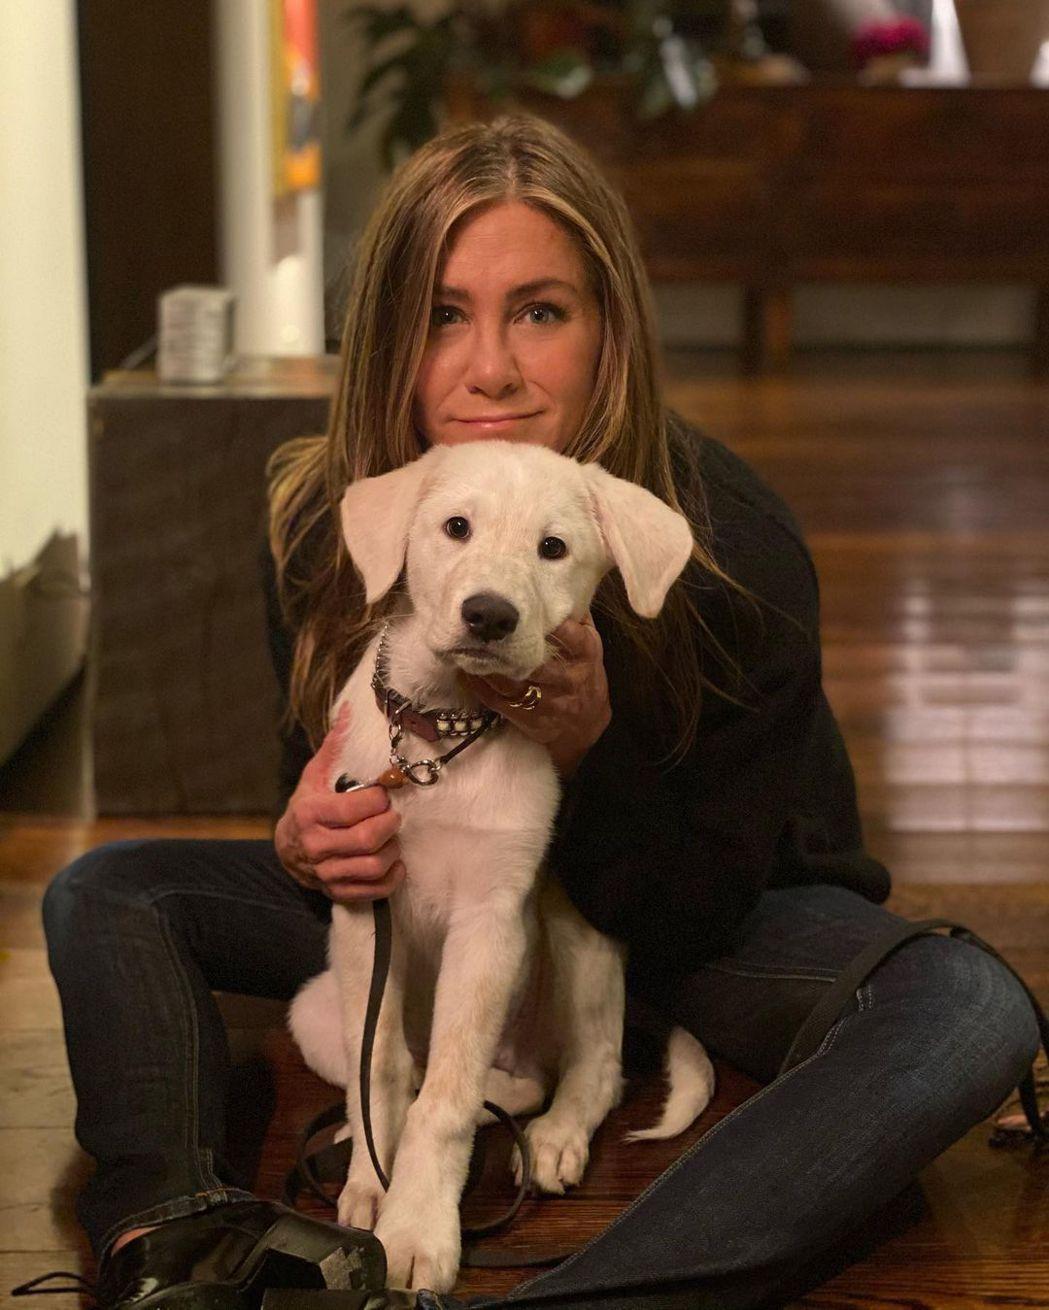 珍妮佛安妮絲頓與愛犬一起度過感恩節。圖/摘自Instagram